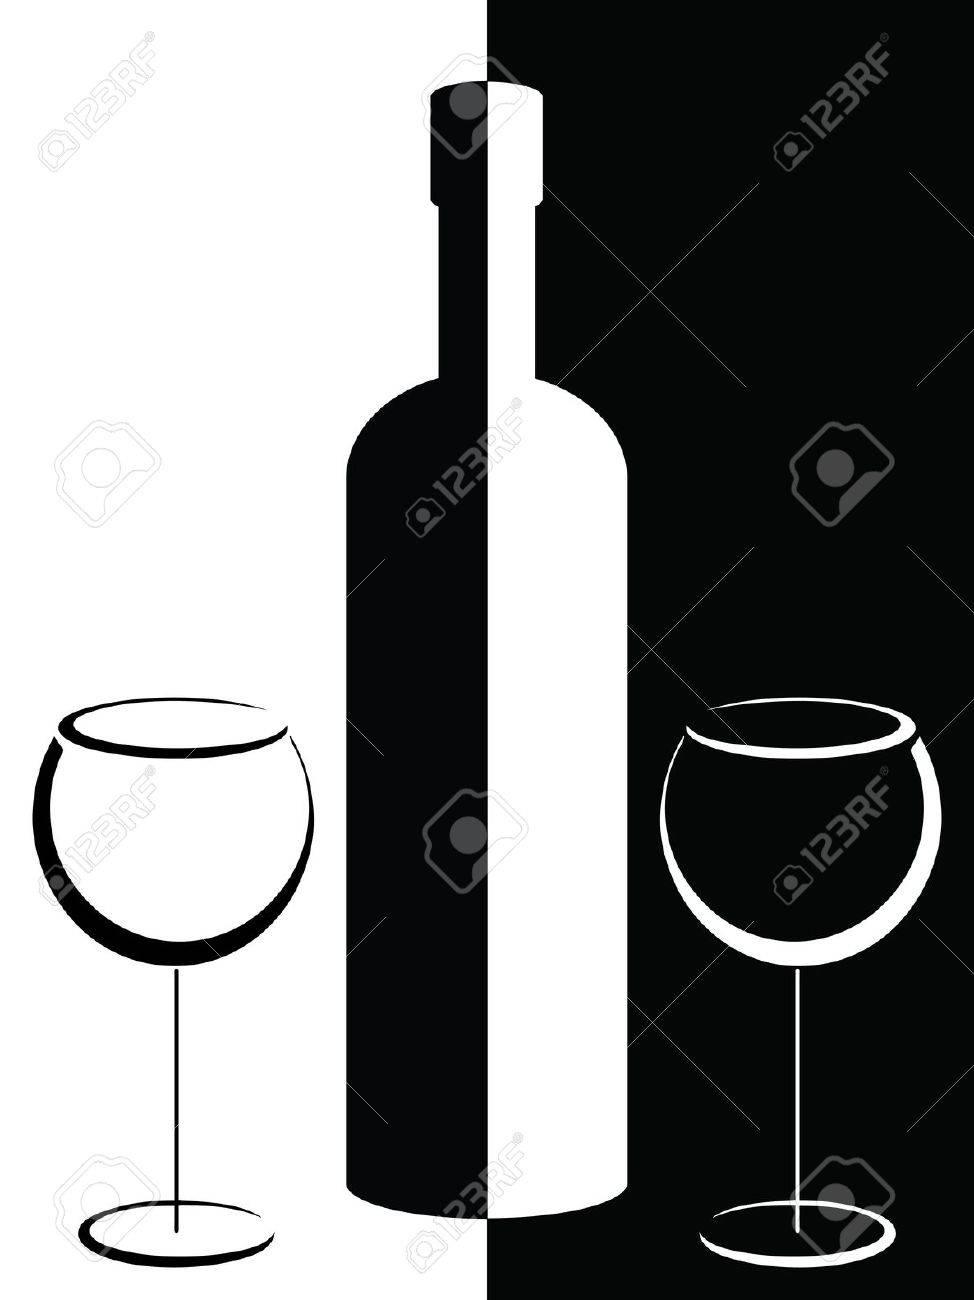 Affiche En Noir Et Blanc Avec La Bouteille Et Verres A Vin Clip Art Libres De Droits Vecteurs Et Illustration Image 13091517